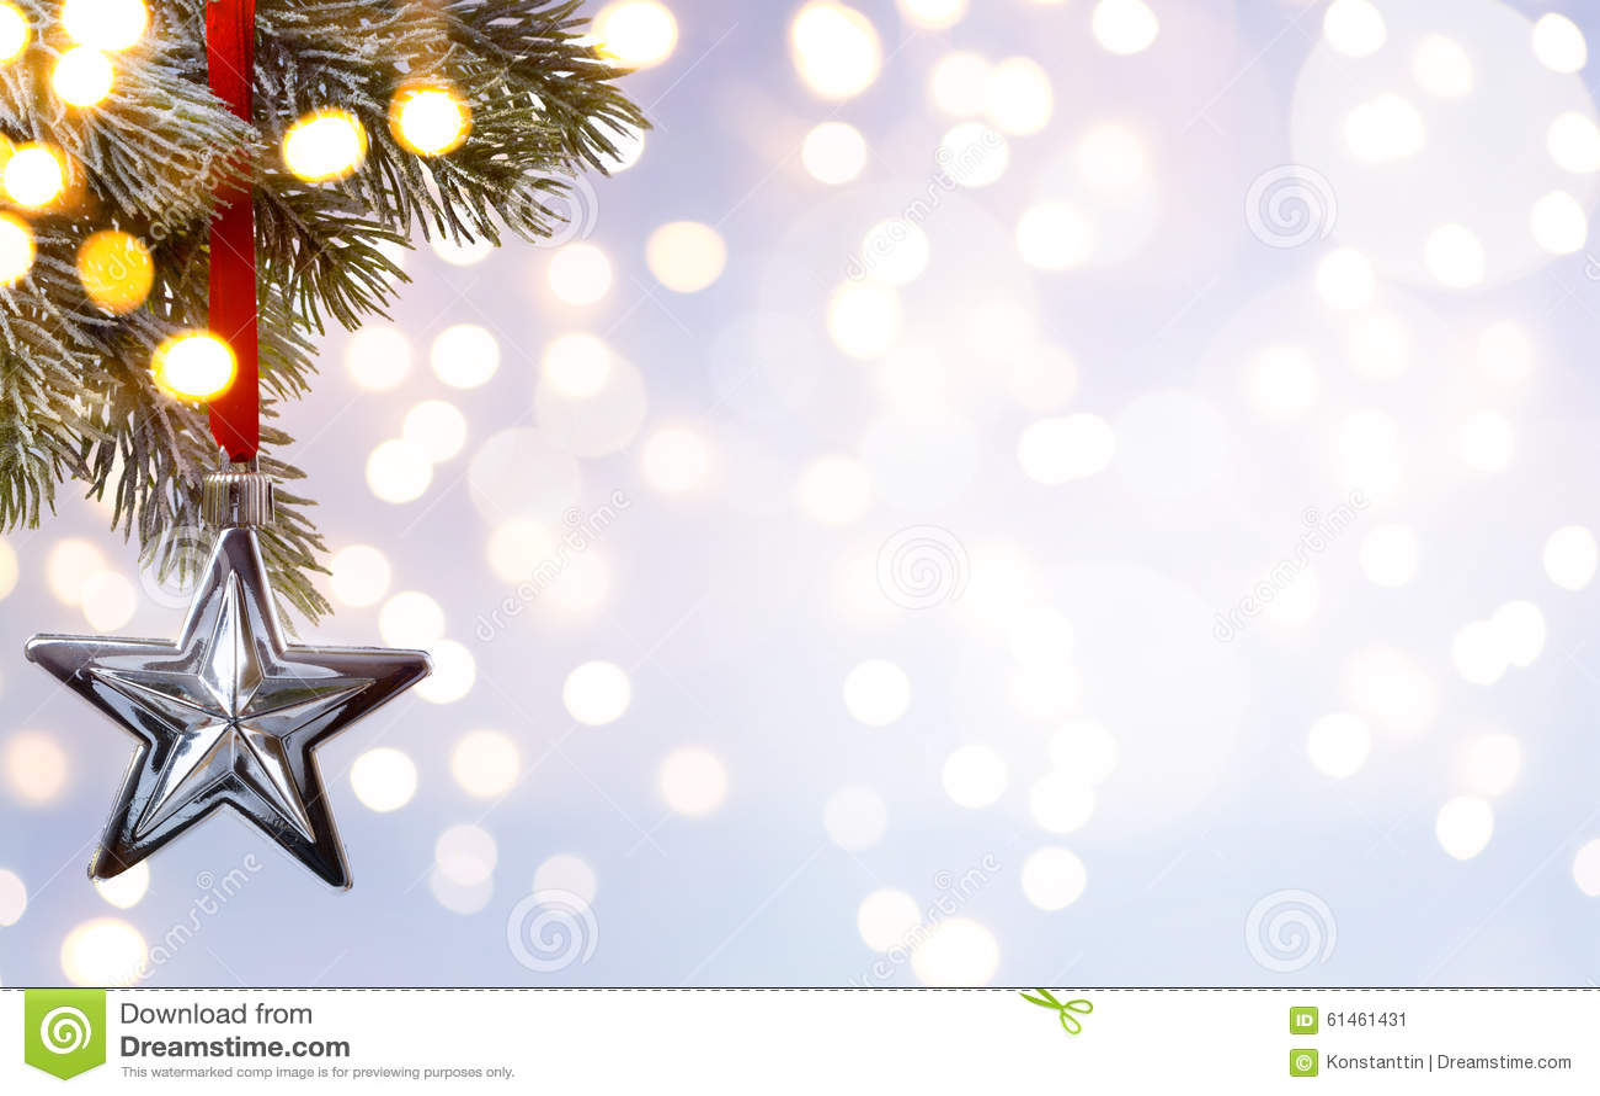 Sztuk bożych narodzeń wakacje tło; drzewa światło